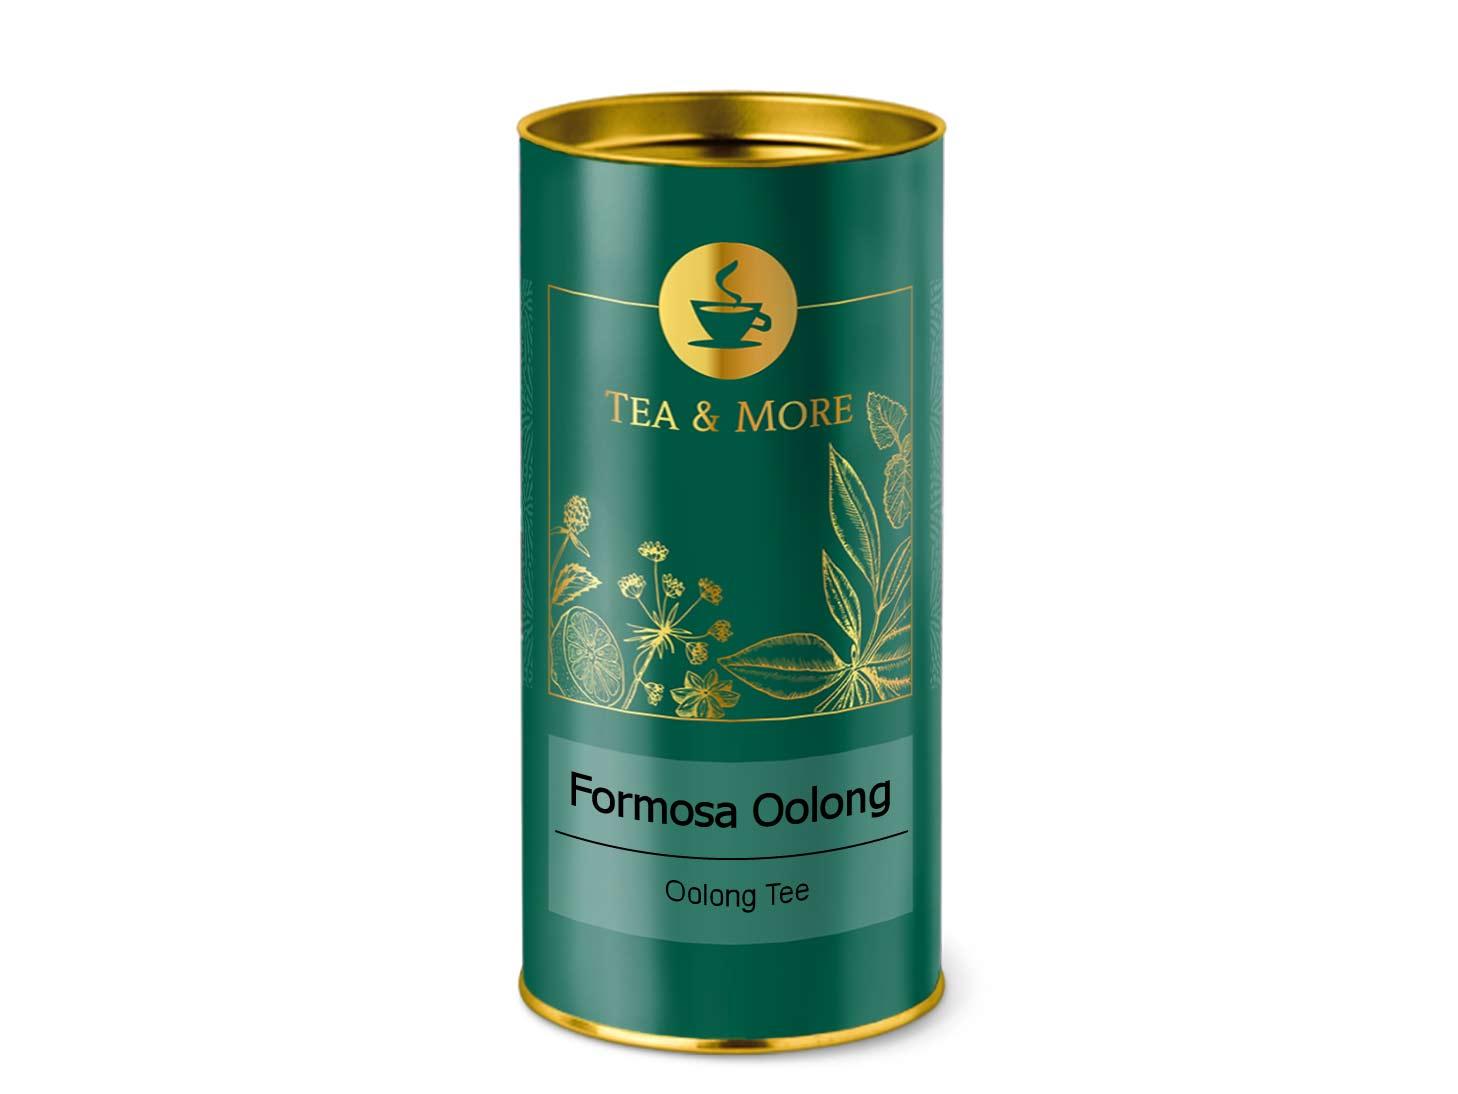 Formosa Fancy Oolong